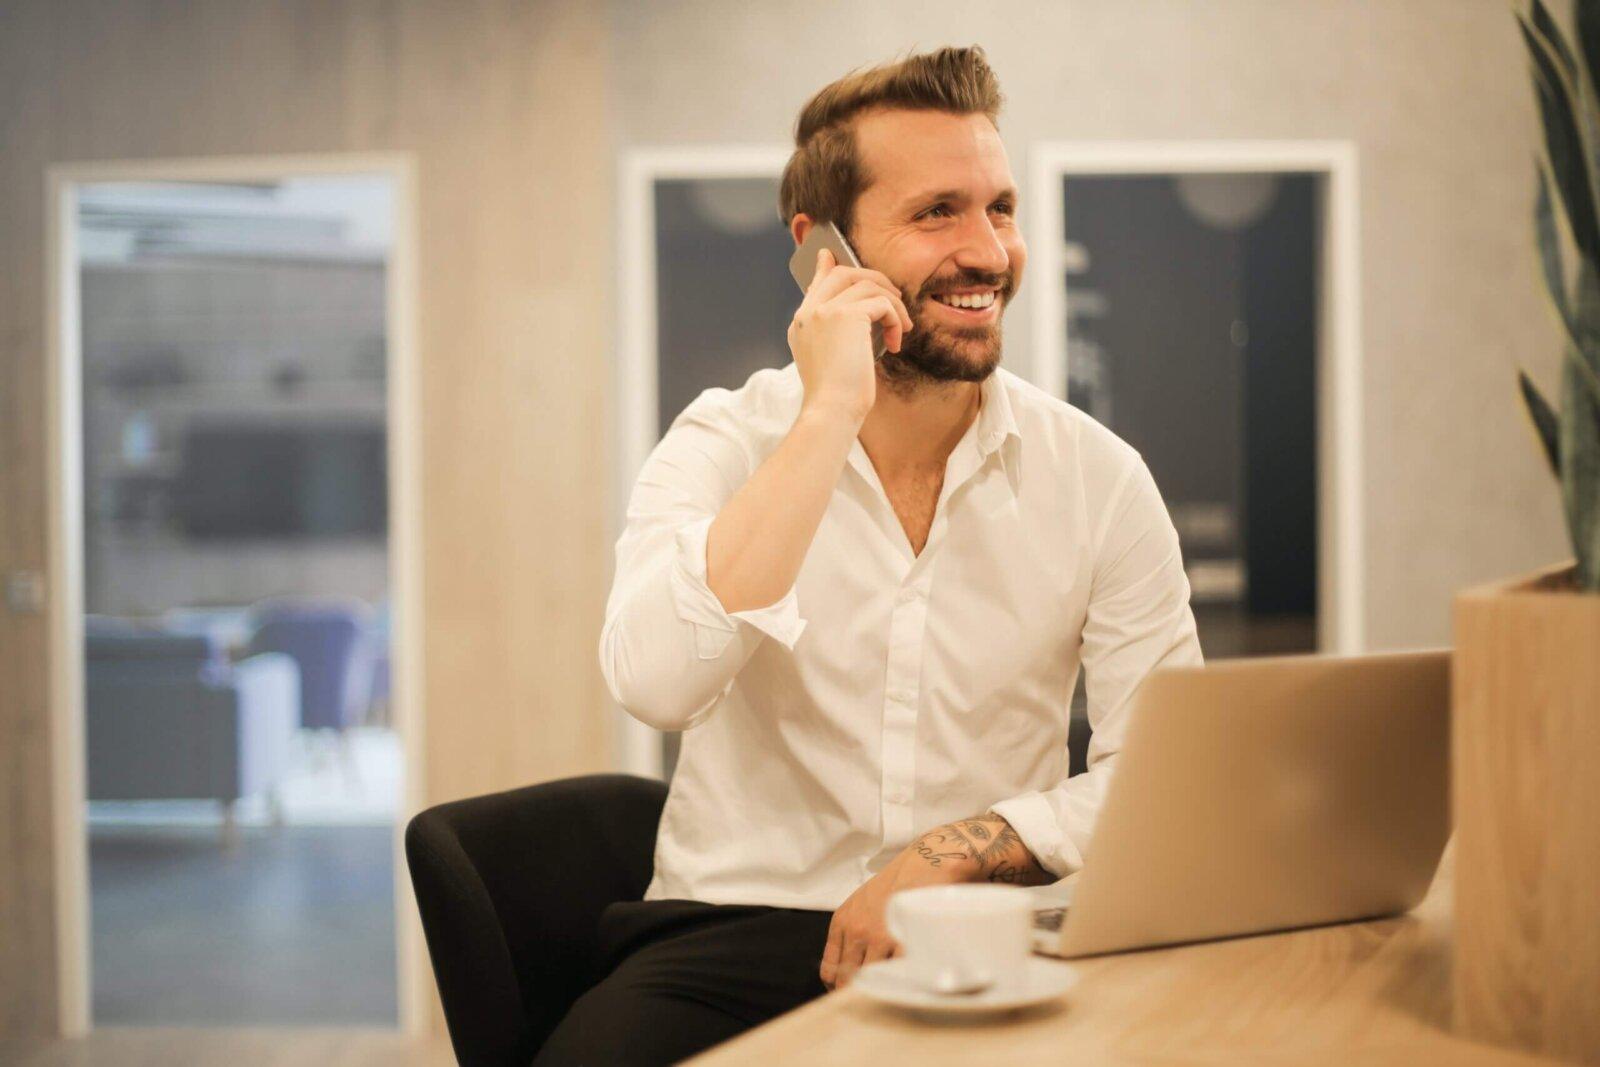 посредничество как бизнес